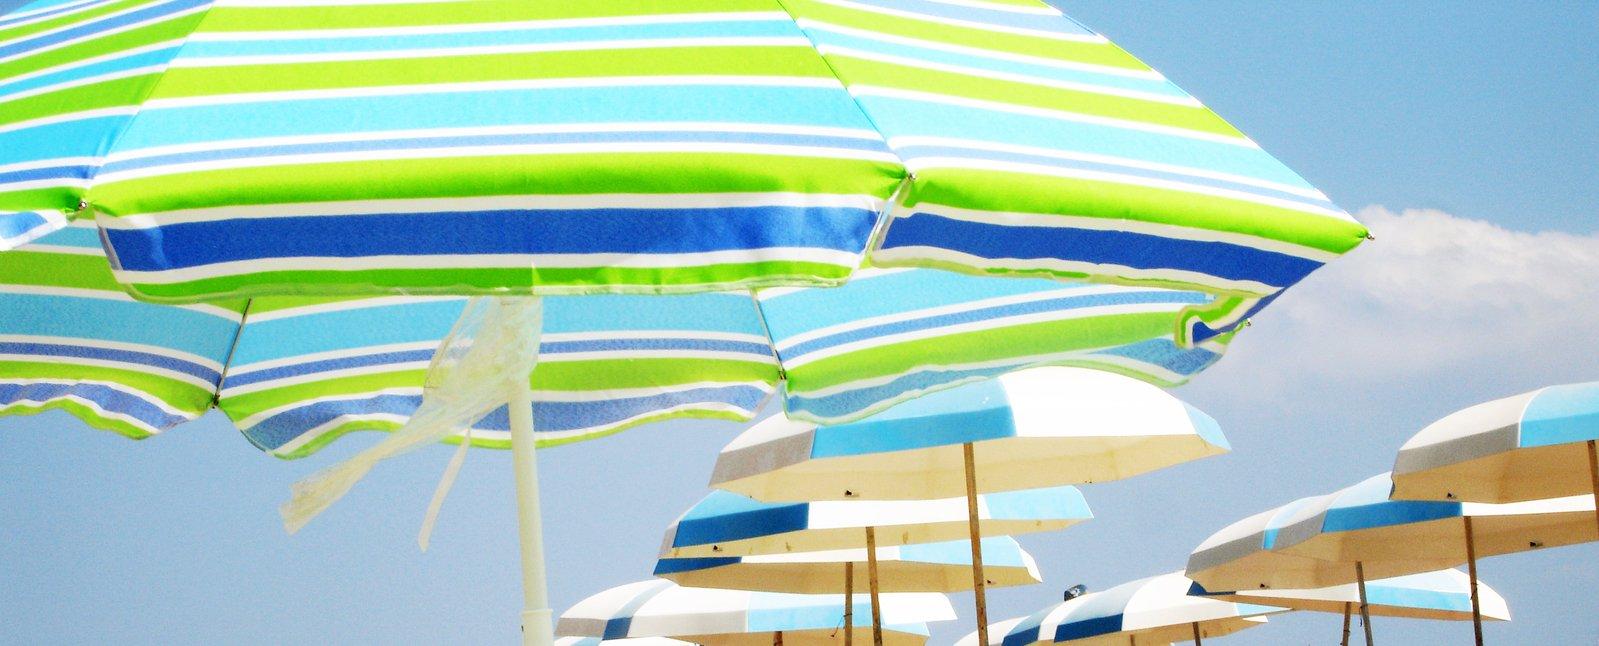 Algumas informações úteis sobre a escolha de guarda sol grande reforçado